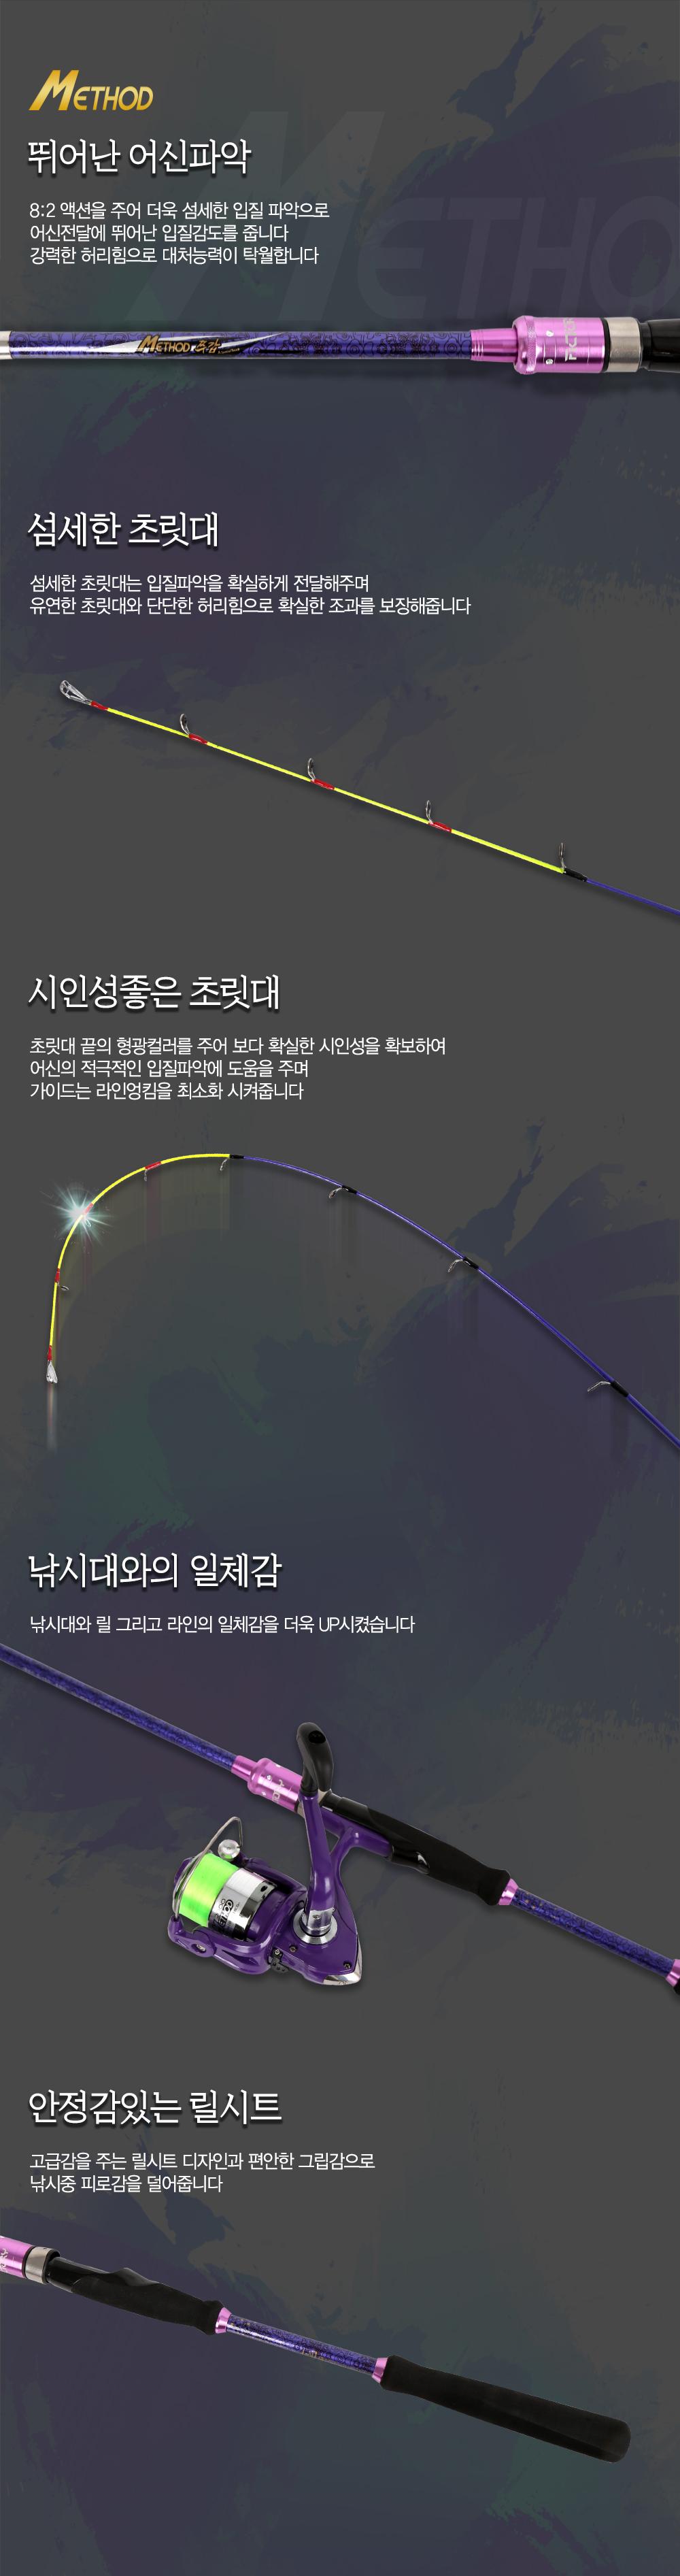 픽토리 메소드 쭈꾸미/갑오징어 선상 루어 낚시대 쭈꾸미대 쭈꾸미루어대 쭈깝루어대 쭈갑선상낚시대 쭈꾸미선상루어대 쭈꾸미선상대